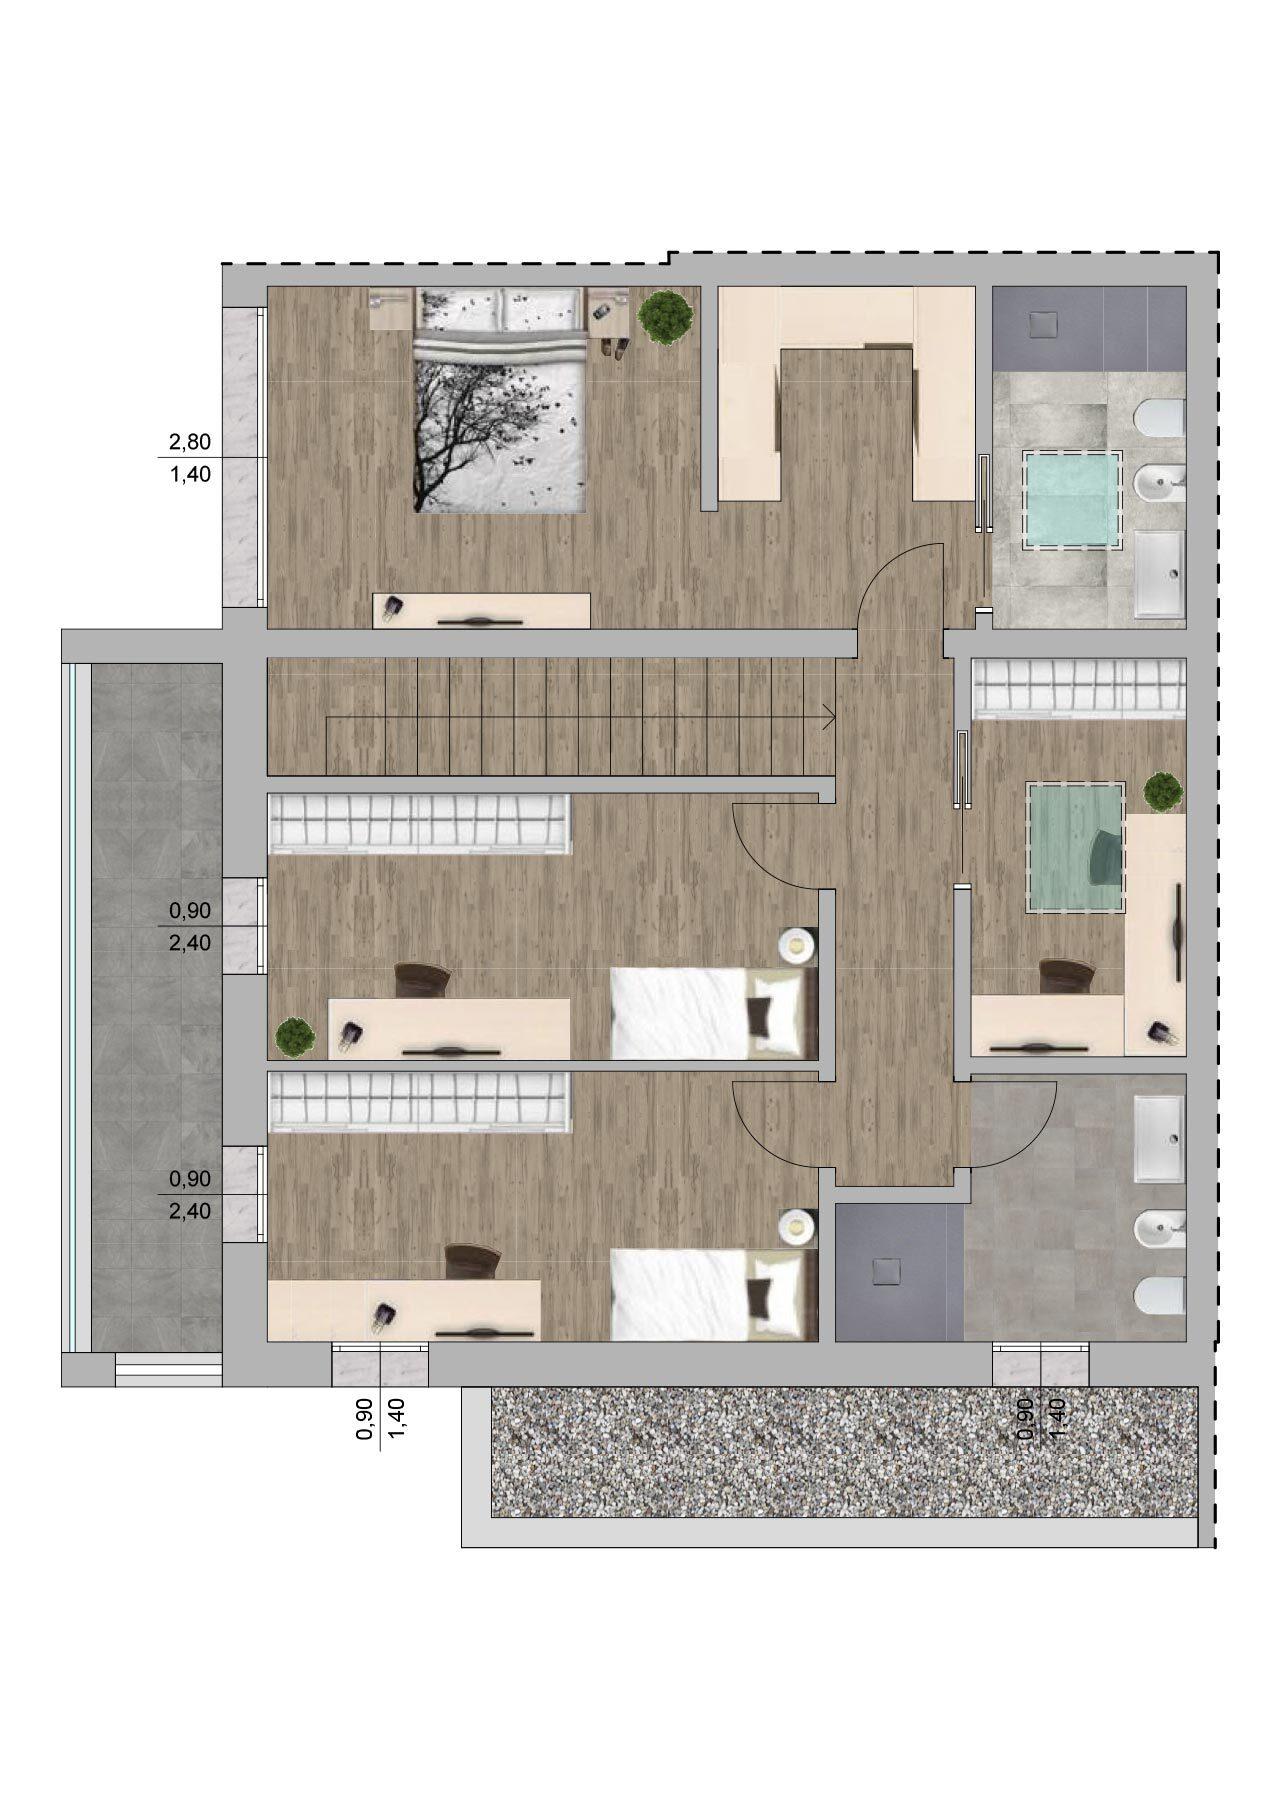 Planimetria nuova costruzione Massanzago Padova porzione 1 piano primo, Fam Real Estate